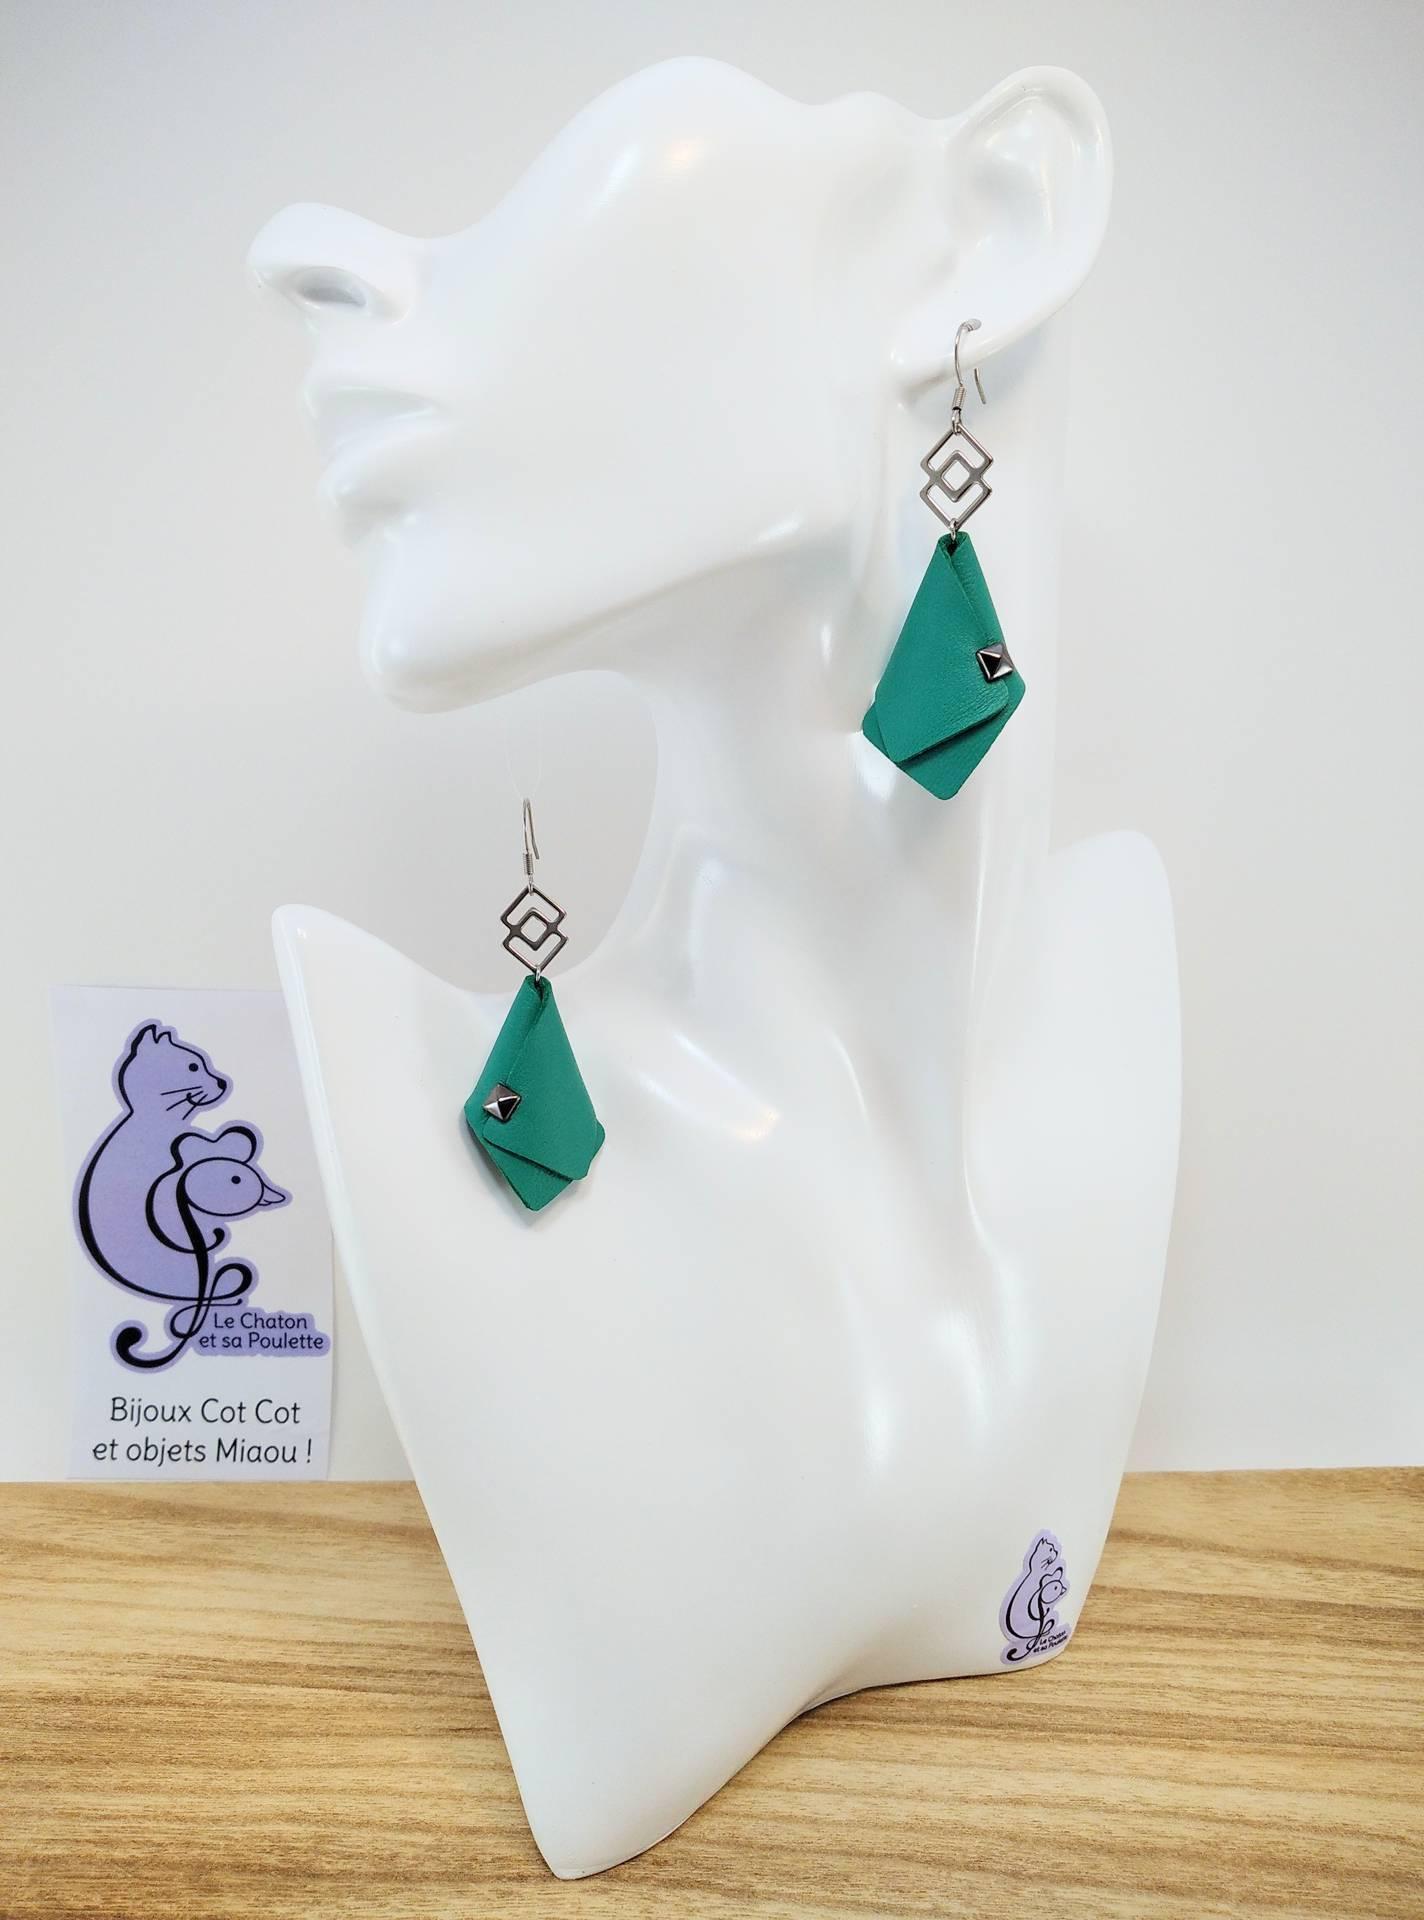 VENDUES ! BO FORMIDABLE modèle VAL Cuir vert prasin, breloque inox carrés entrelacés et carré diamant laiton noir